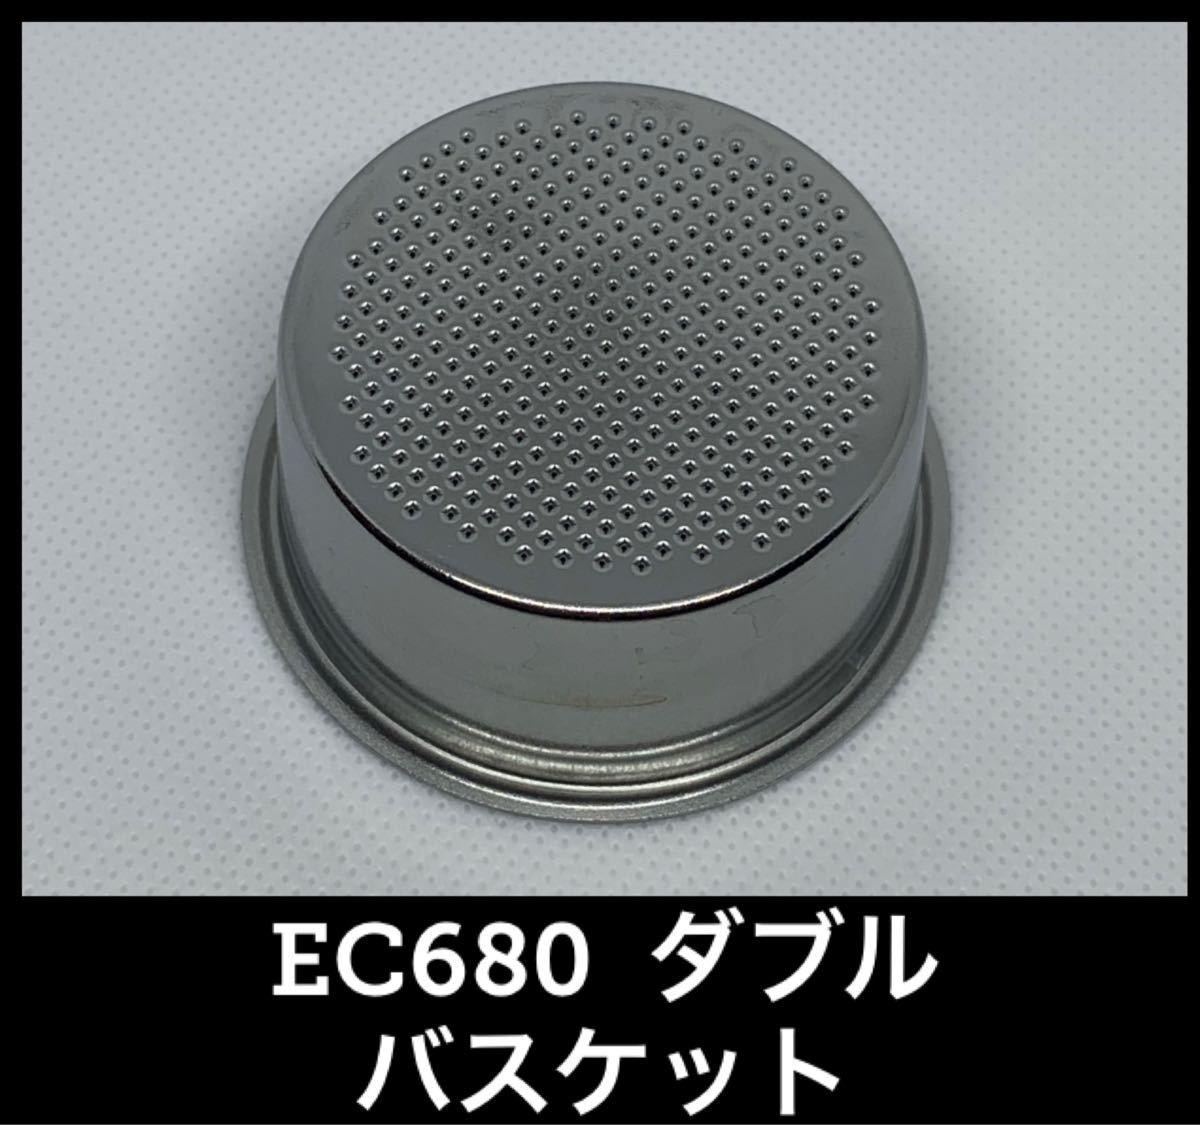 ボトムレスフィルター★デロンギ★EC860M★EC680★51mm★新品未使用★De'Longhi